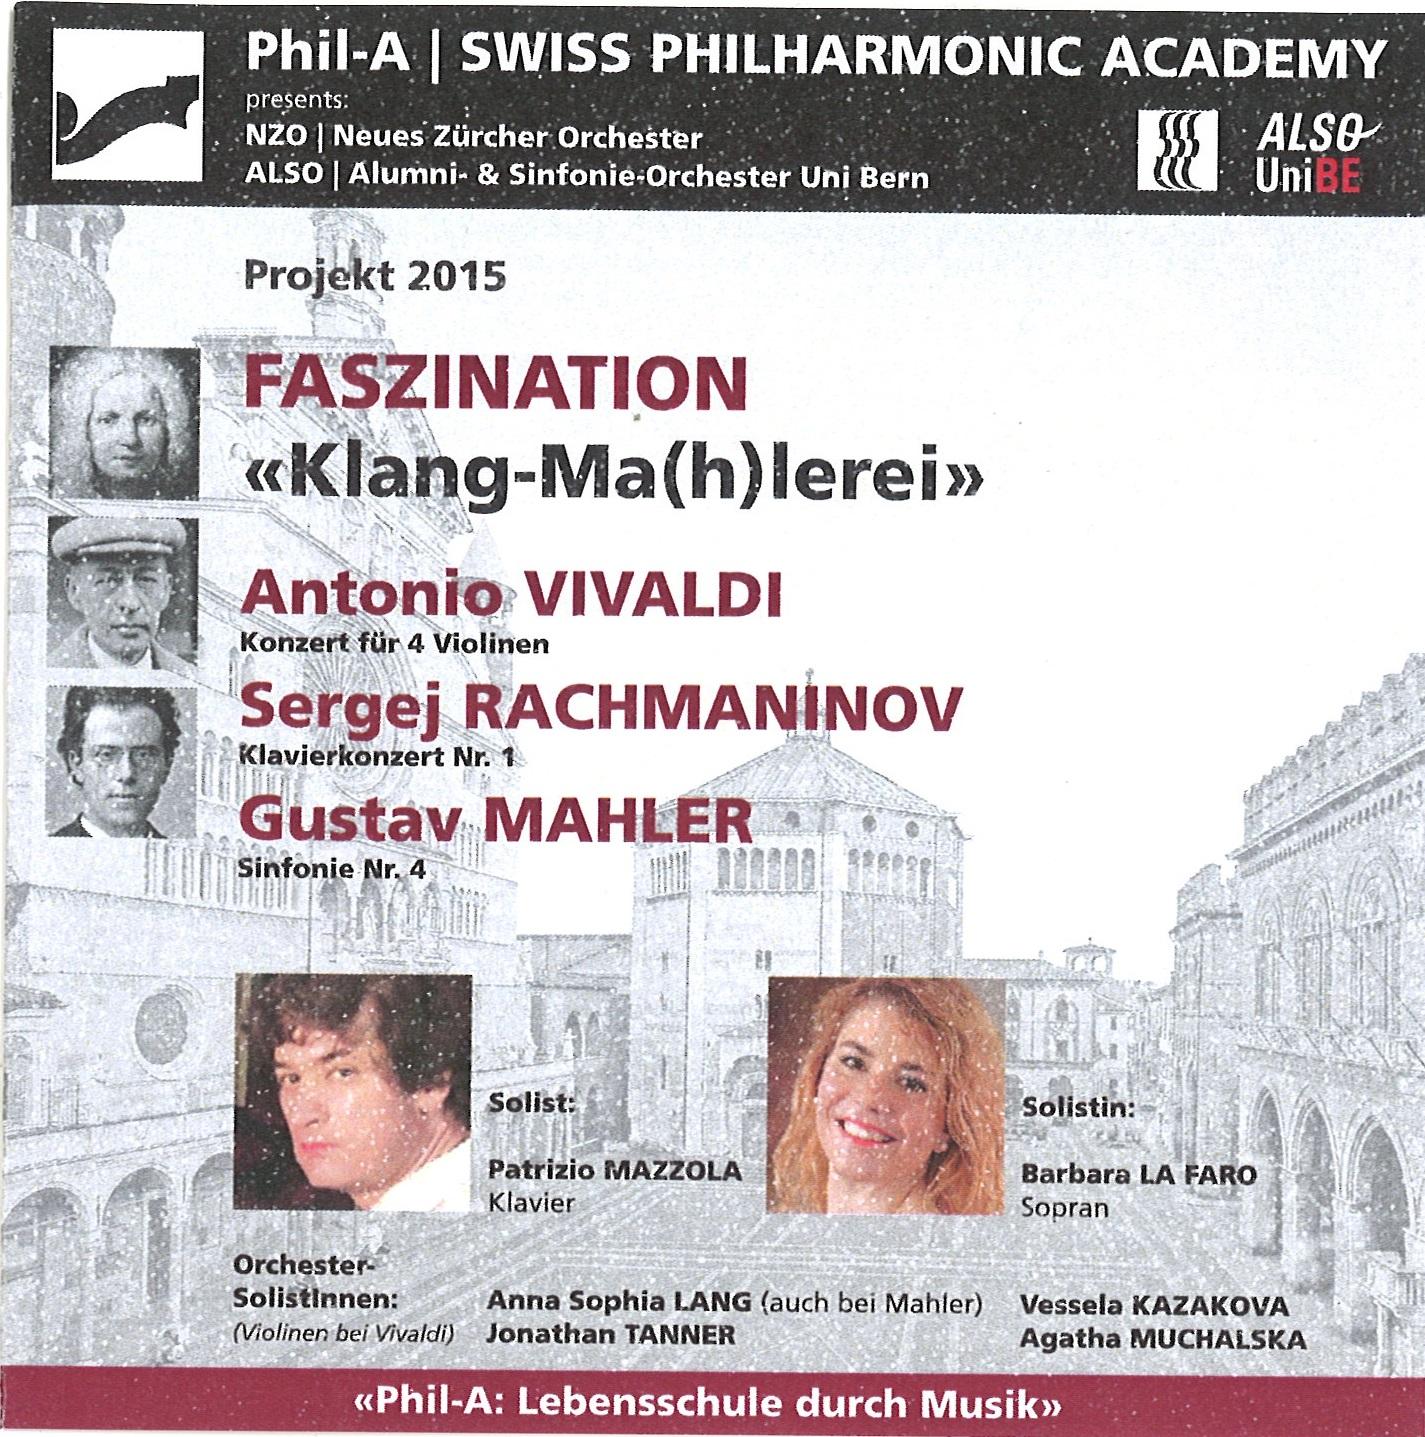 Igor Stravinsky - Musician - Music database - Radio Swiss Classic